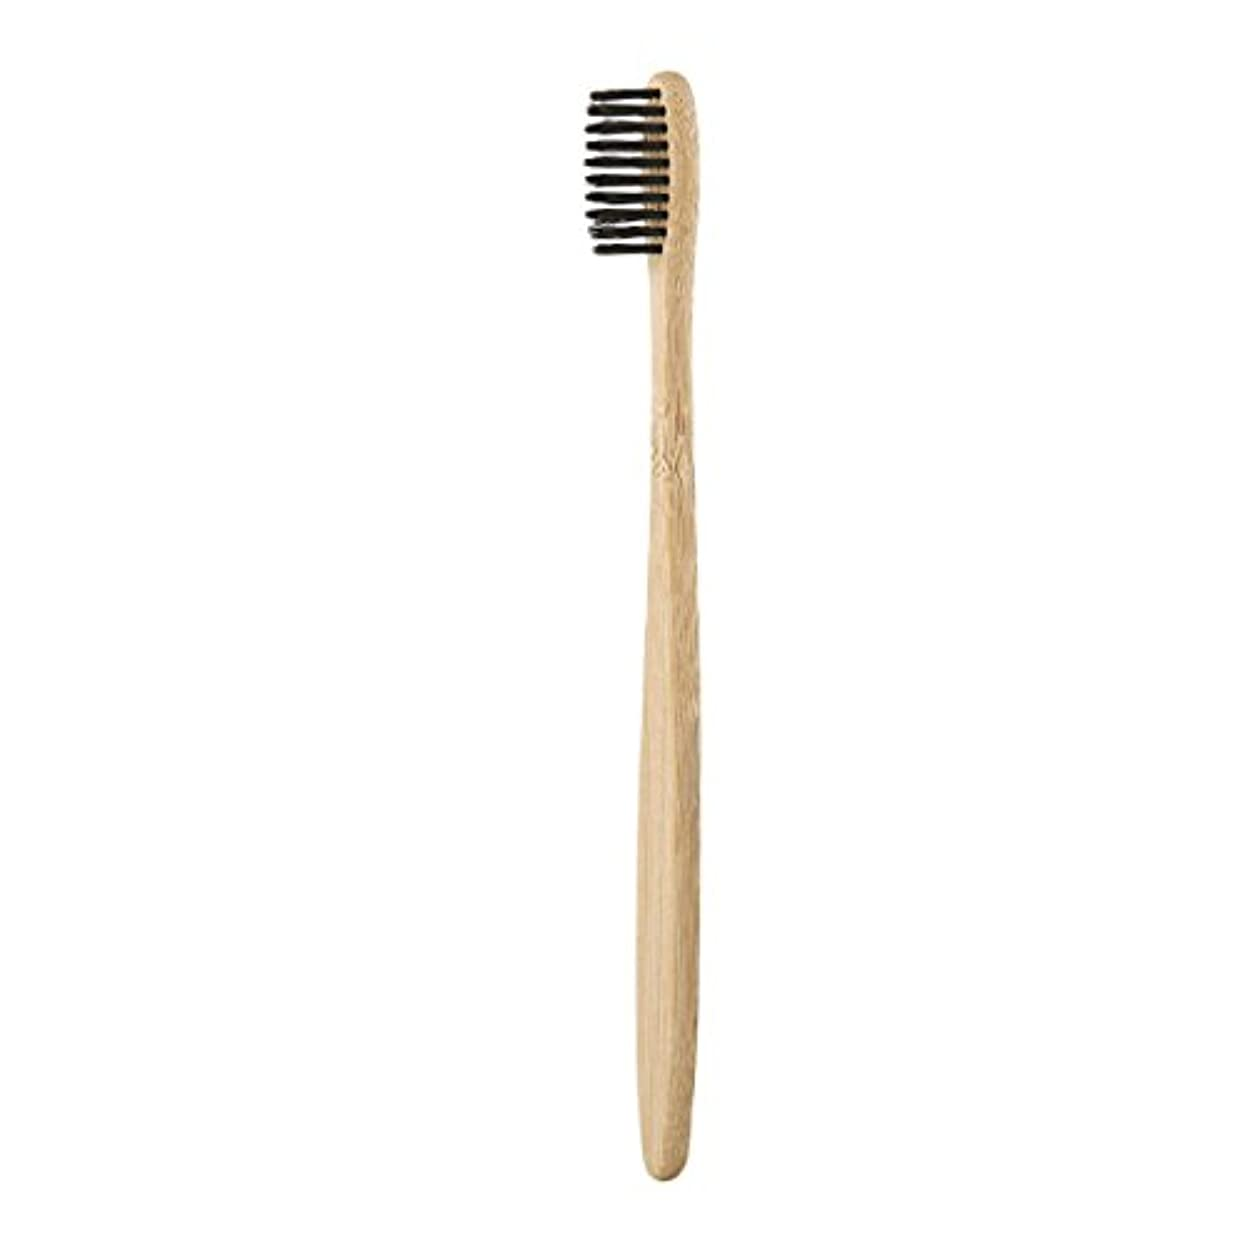 ローブ保持経営者手作りの快適な環境に優しい環境歯ブラシ竹ハンドル歯ブラシ炭毛健康オーラルケア-ウッドカラー